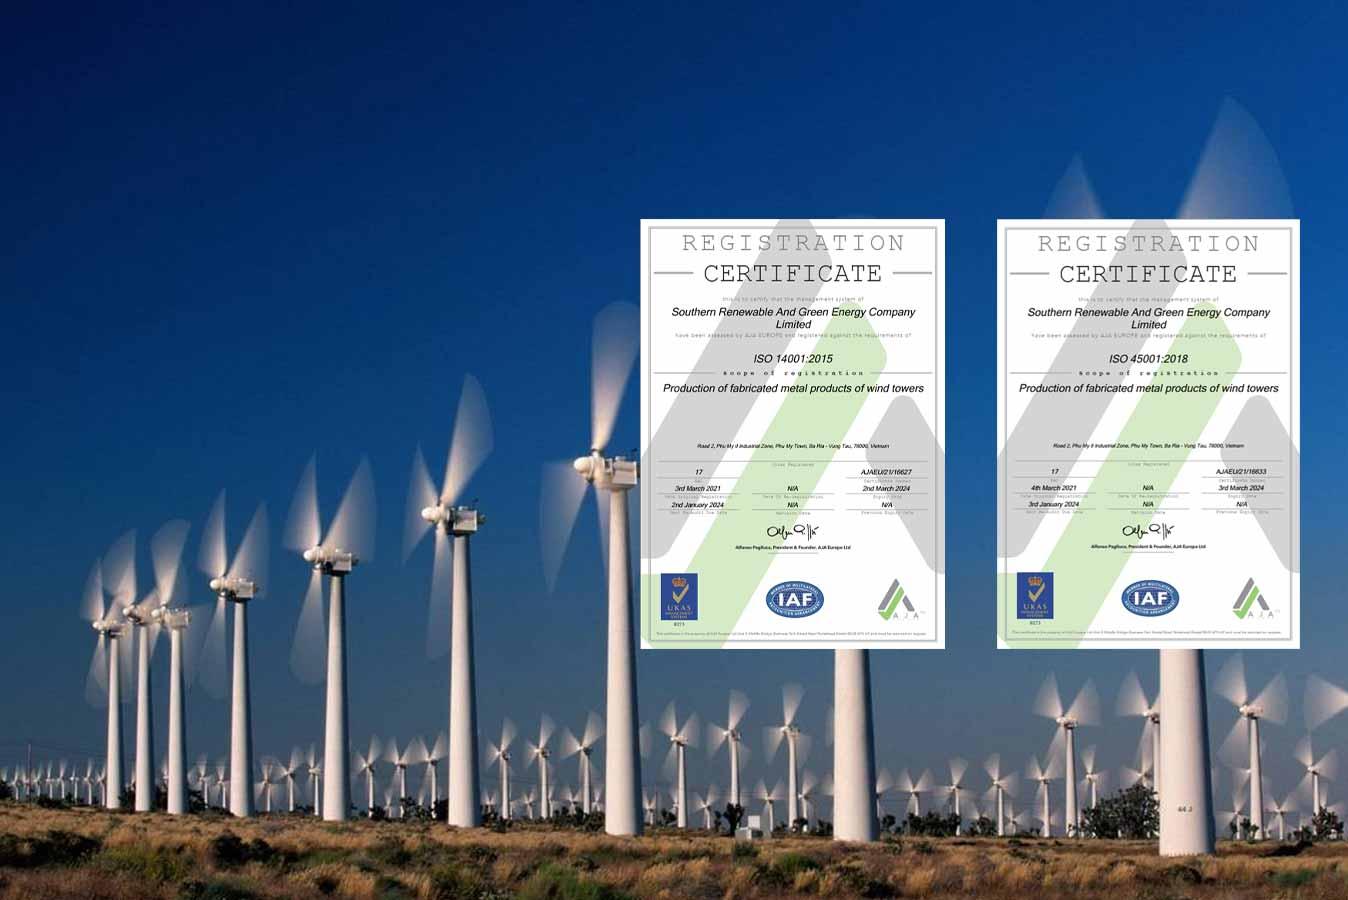 ICERT GLOBAL tư vấn chứng nhận tích hợp ISO 45001 và ISO 14001 tại SRE